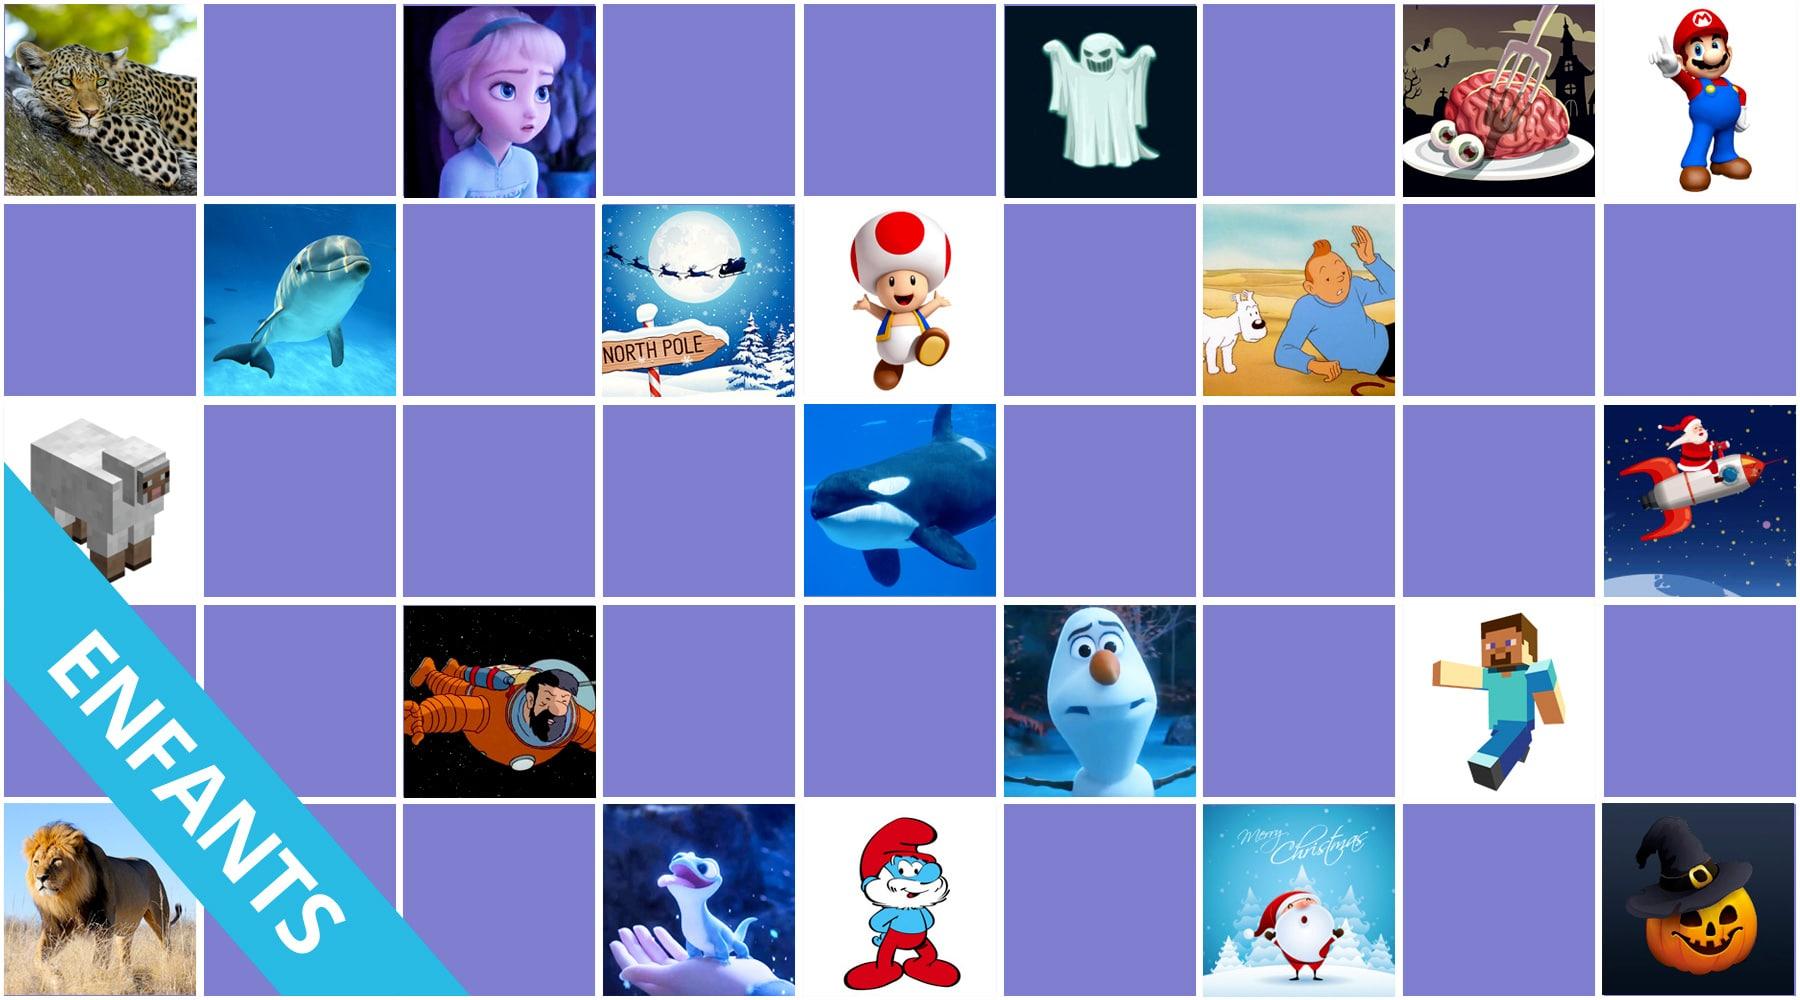 Jeux De Memory Pour Les Enfants - En Ligne Et Gratuits avec Jeux Pour Petit Enfant